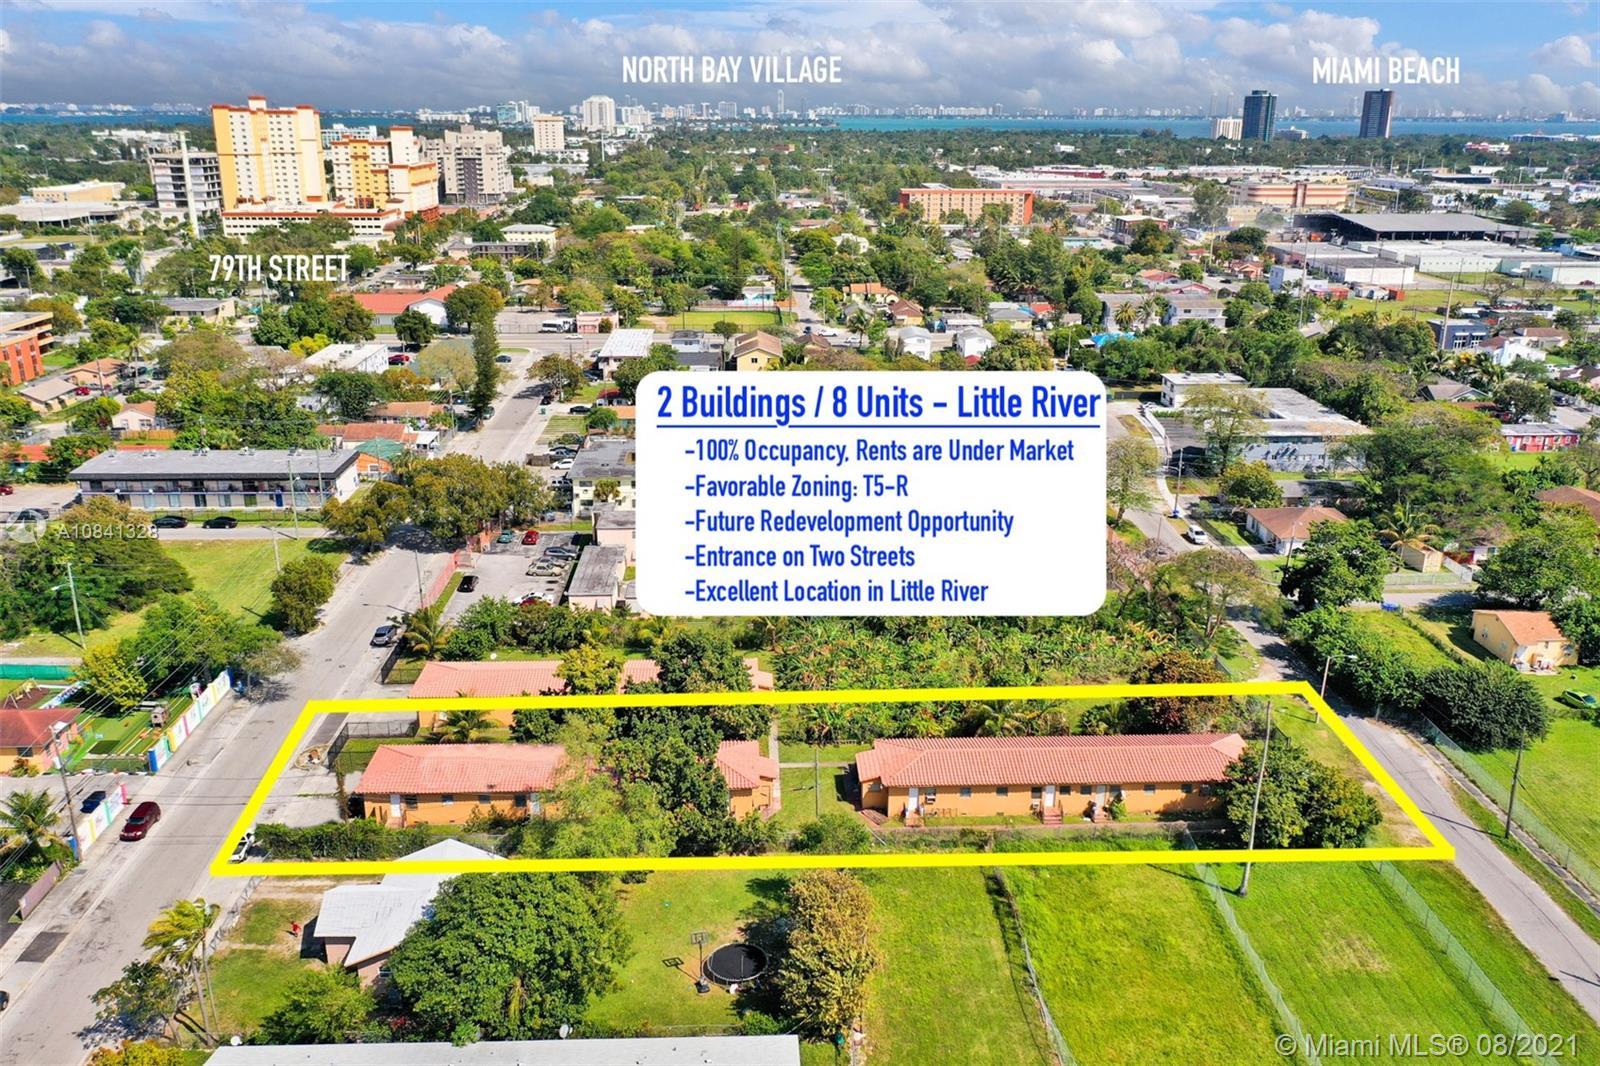 111 NW 76th St, Miami, FL 33150